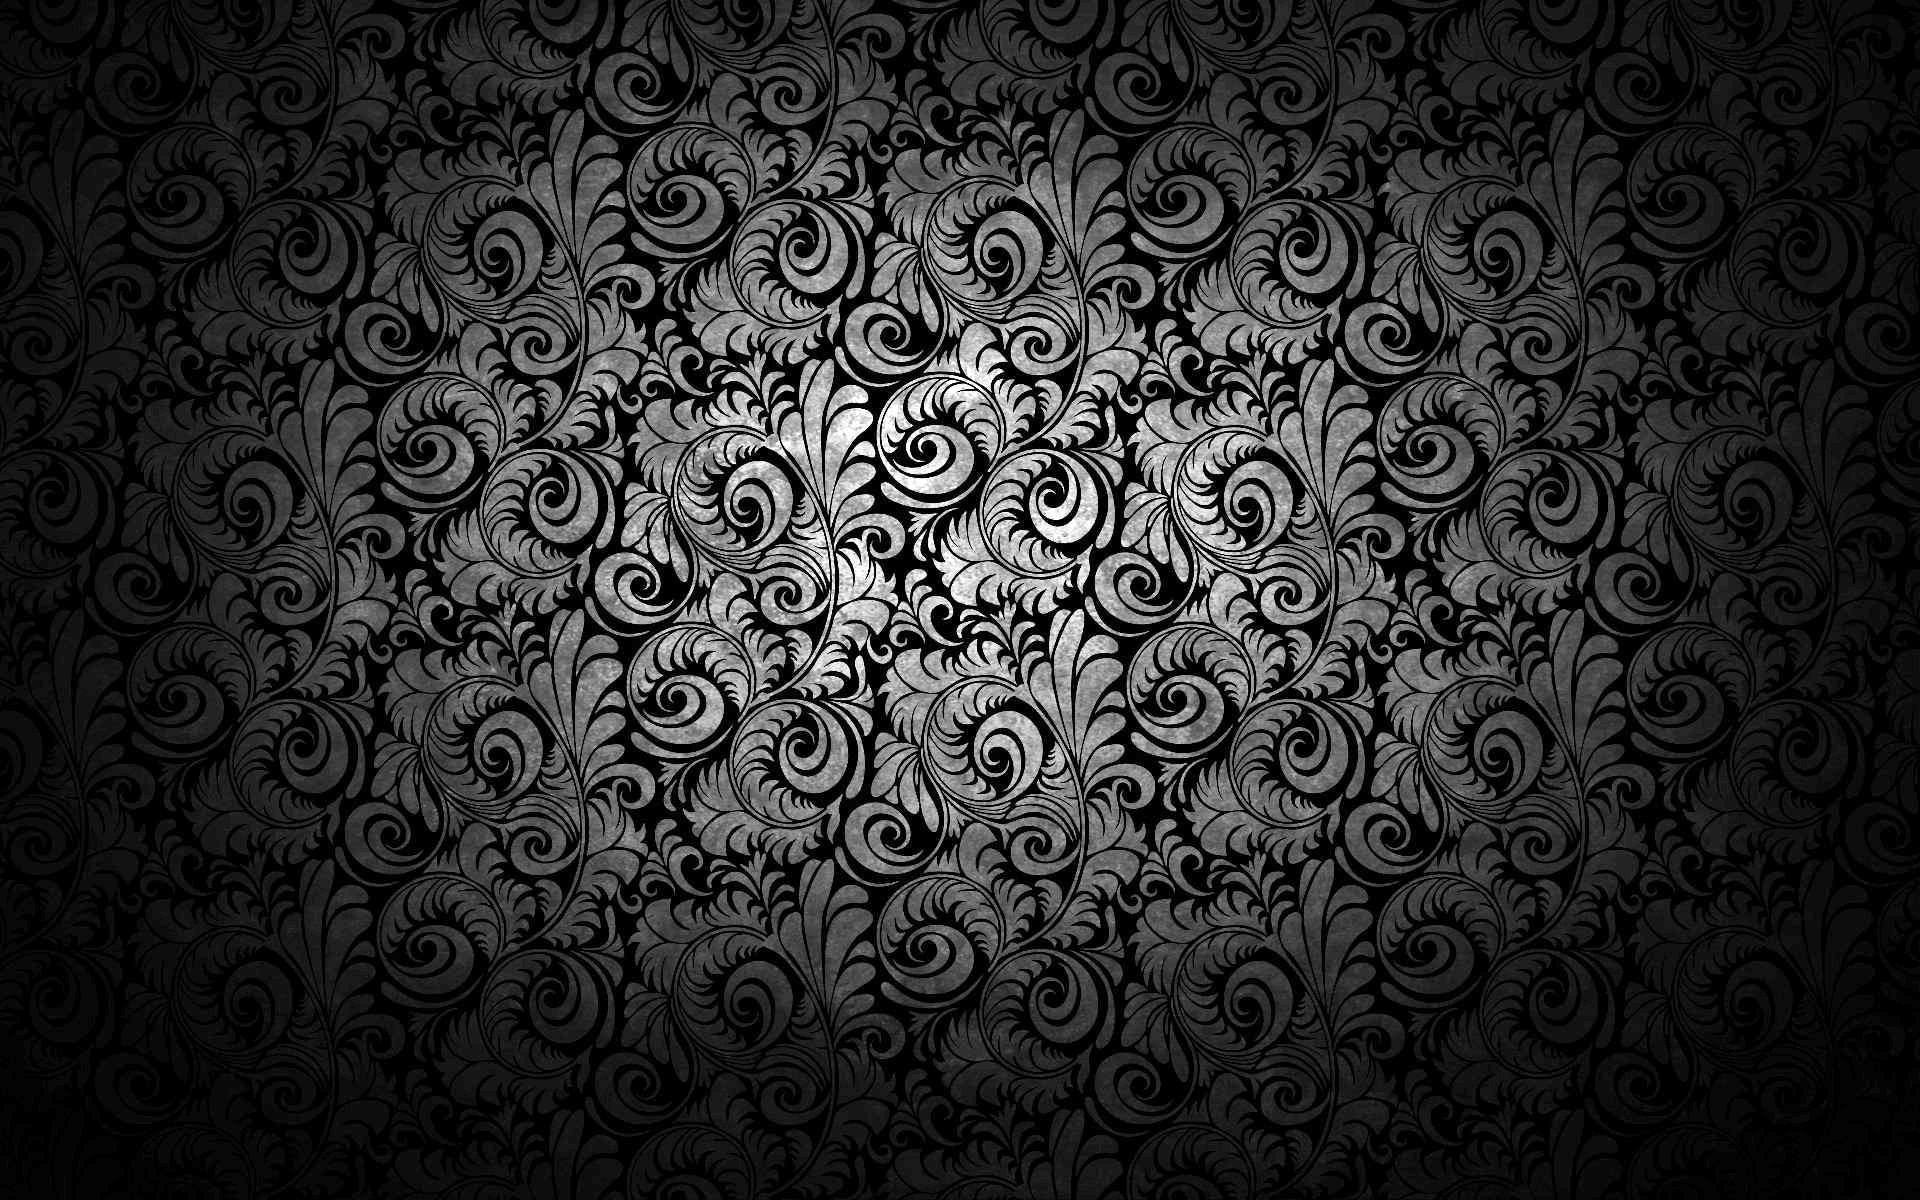 87 Gambar Ornamen Abstrak Terlihat Keren